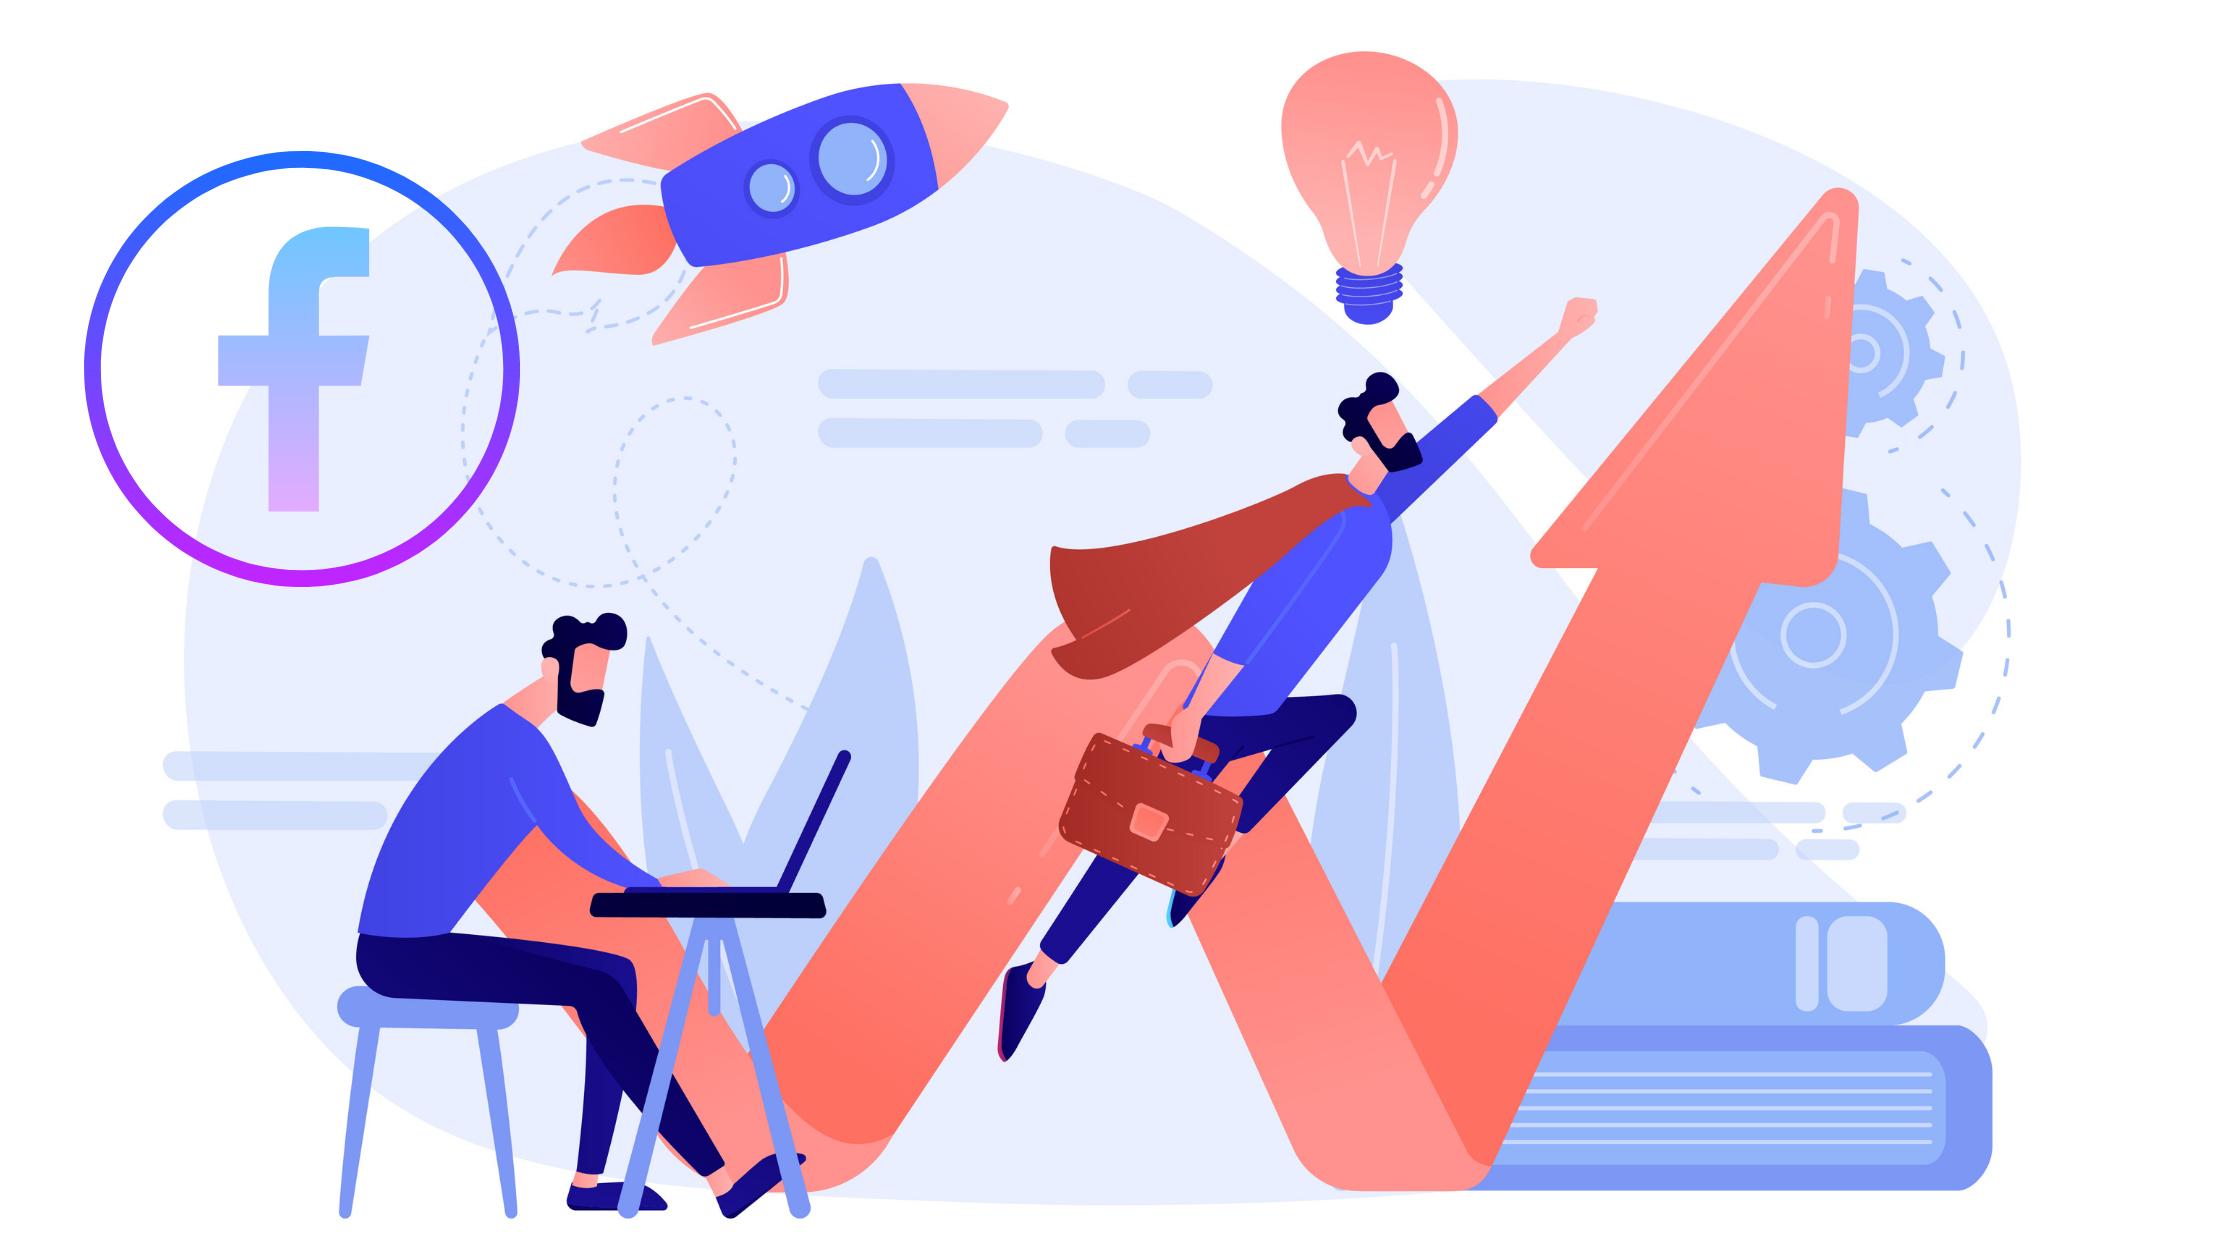 Come fare un lancio: strategia Facebook Ads